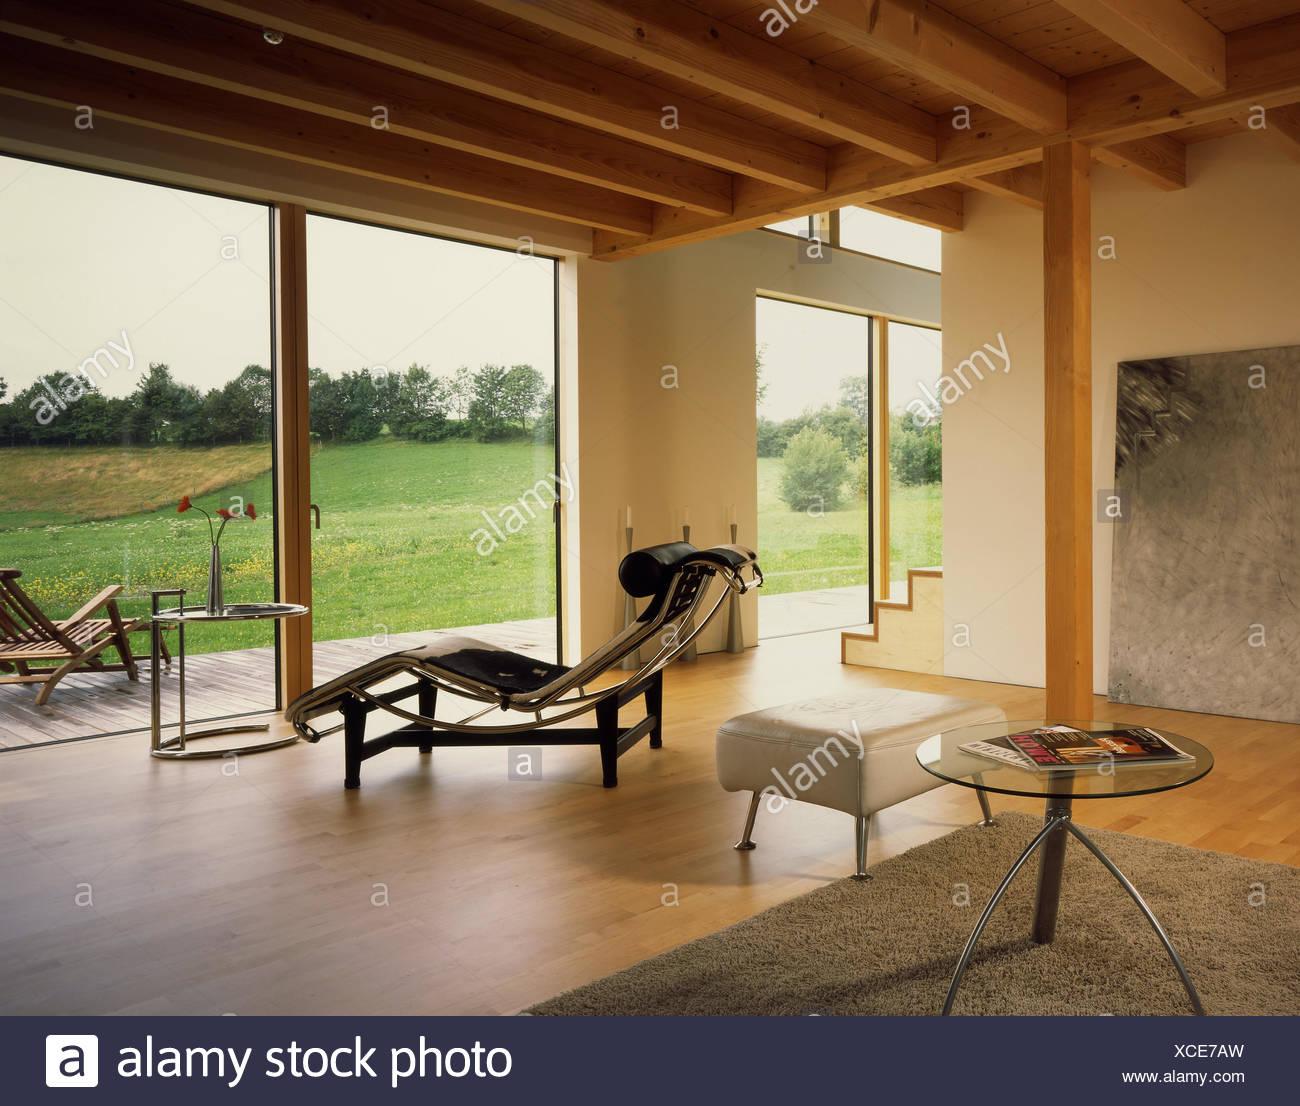 Wohnhaus Eberle, Aufenthaltsräume, Wohnhaus, Einfamilienhaus ...